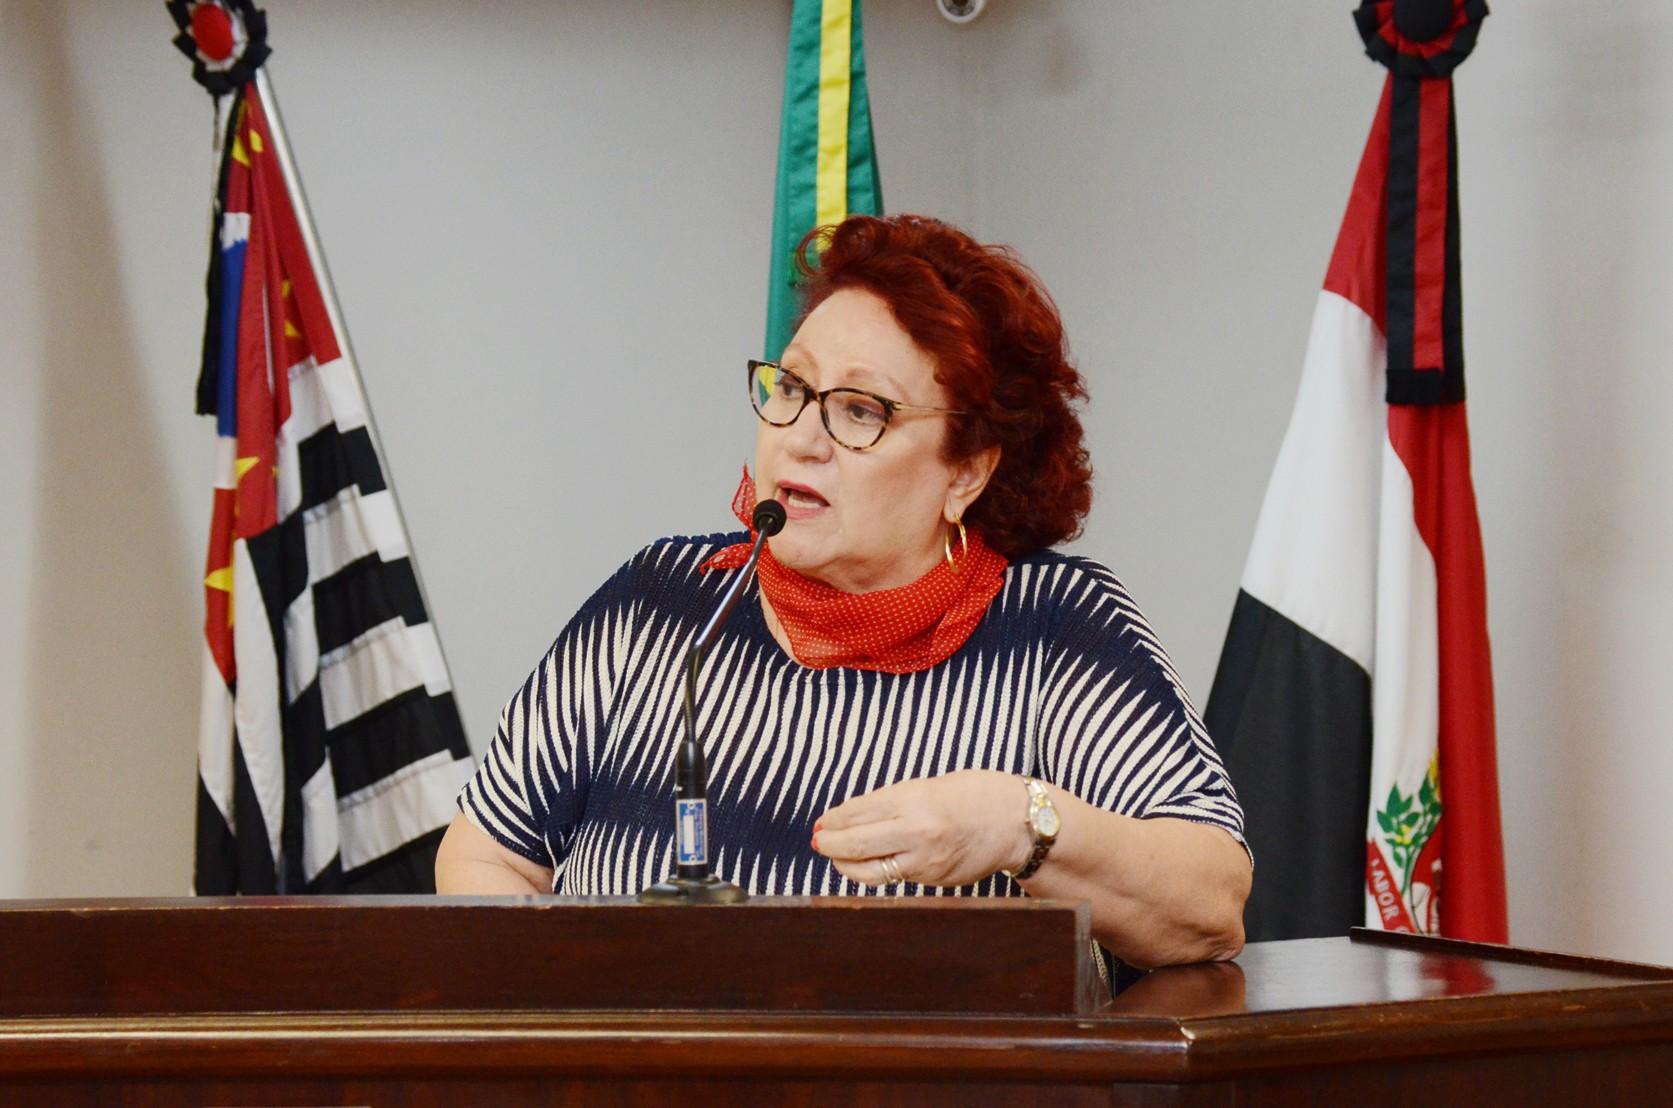 Após deixar o PTB durante a janela partidária, vereadora Alba Lucena filia-se ao DEM